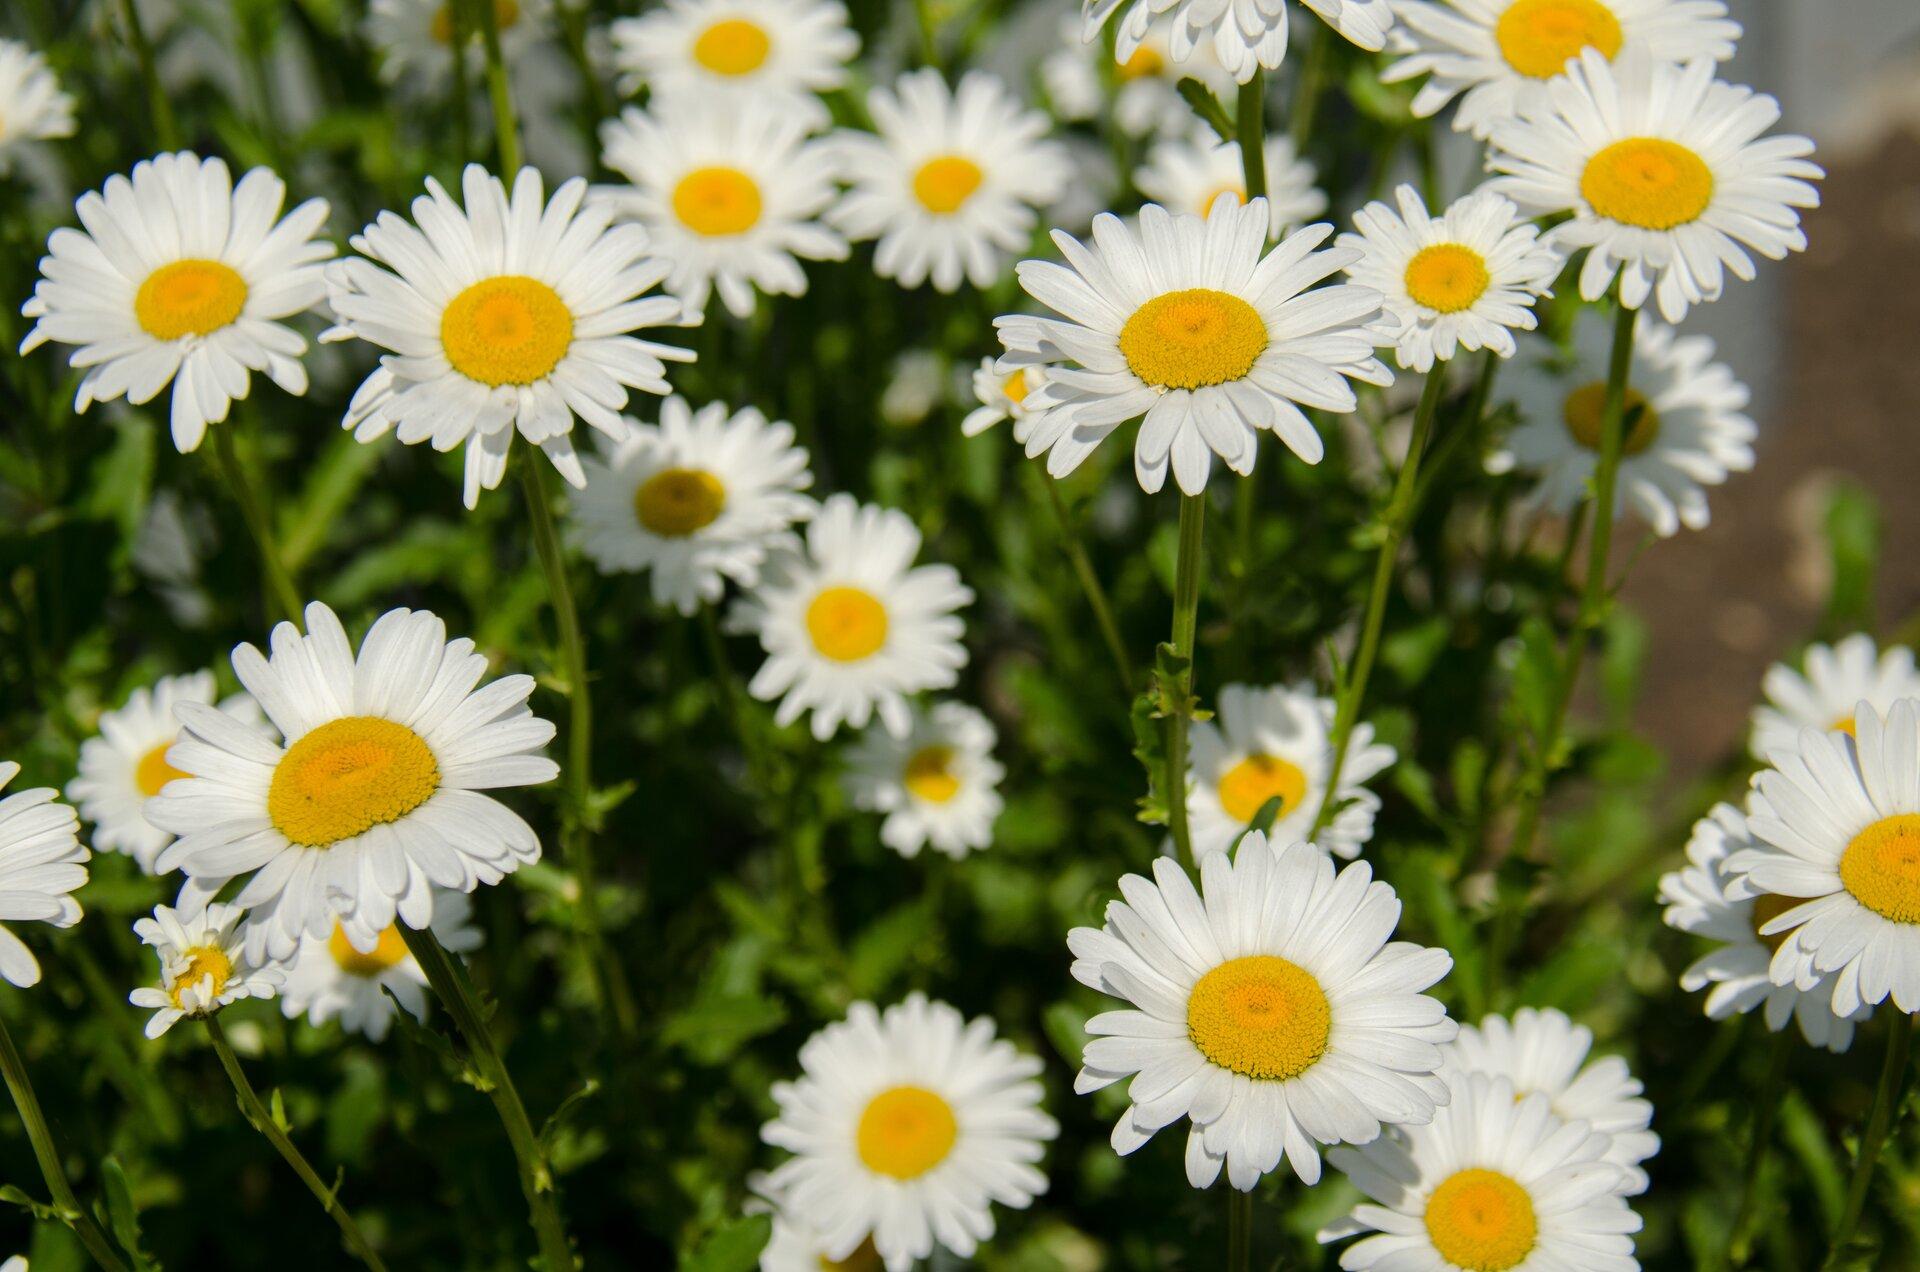 Zdjęcia przedstawia białe kwiatostany rumianku.